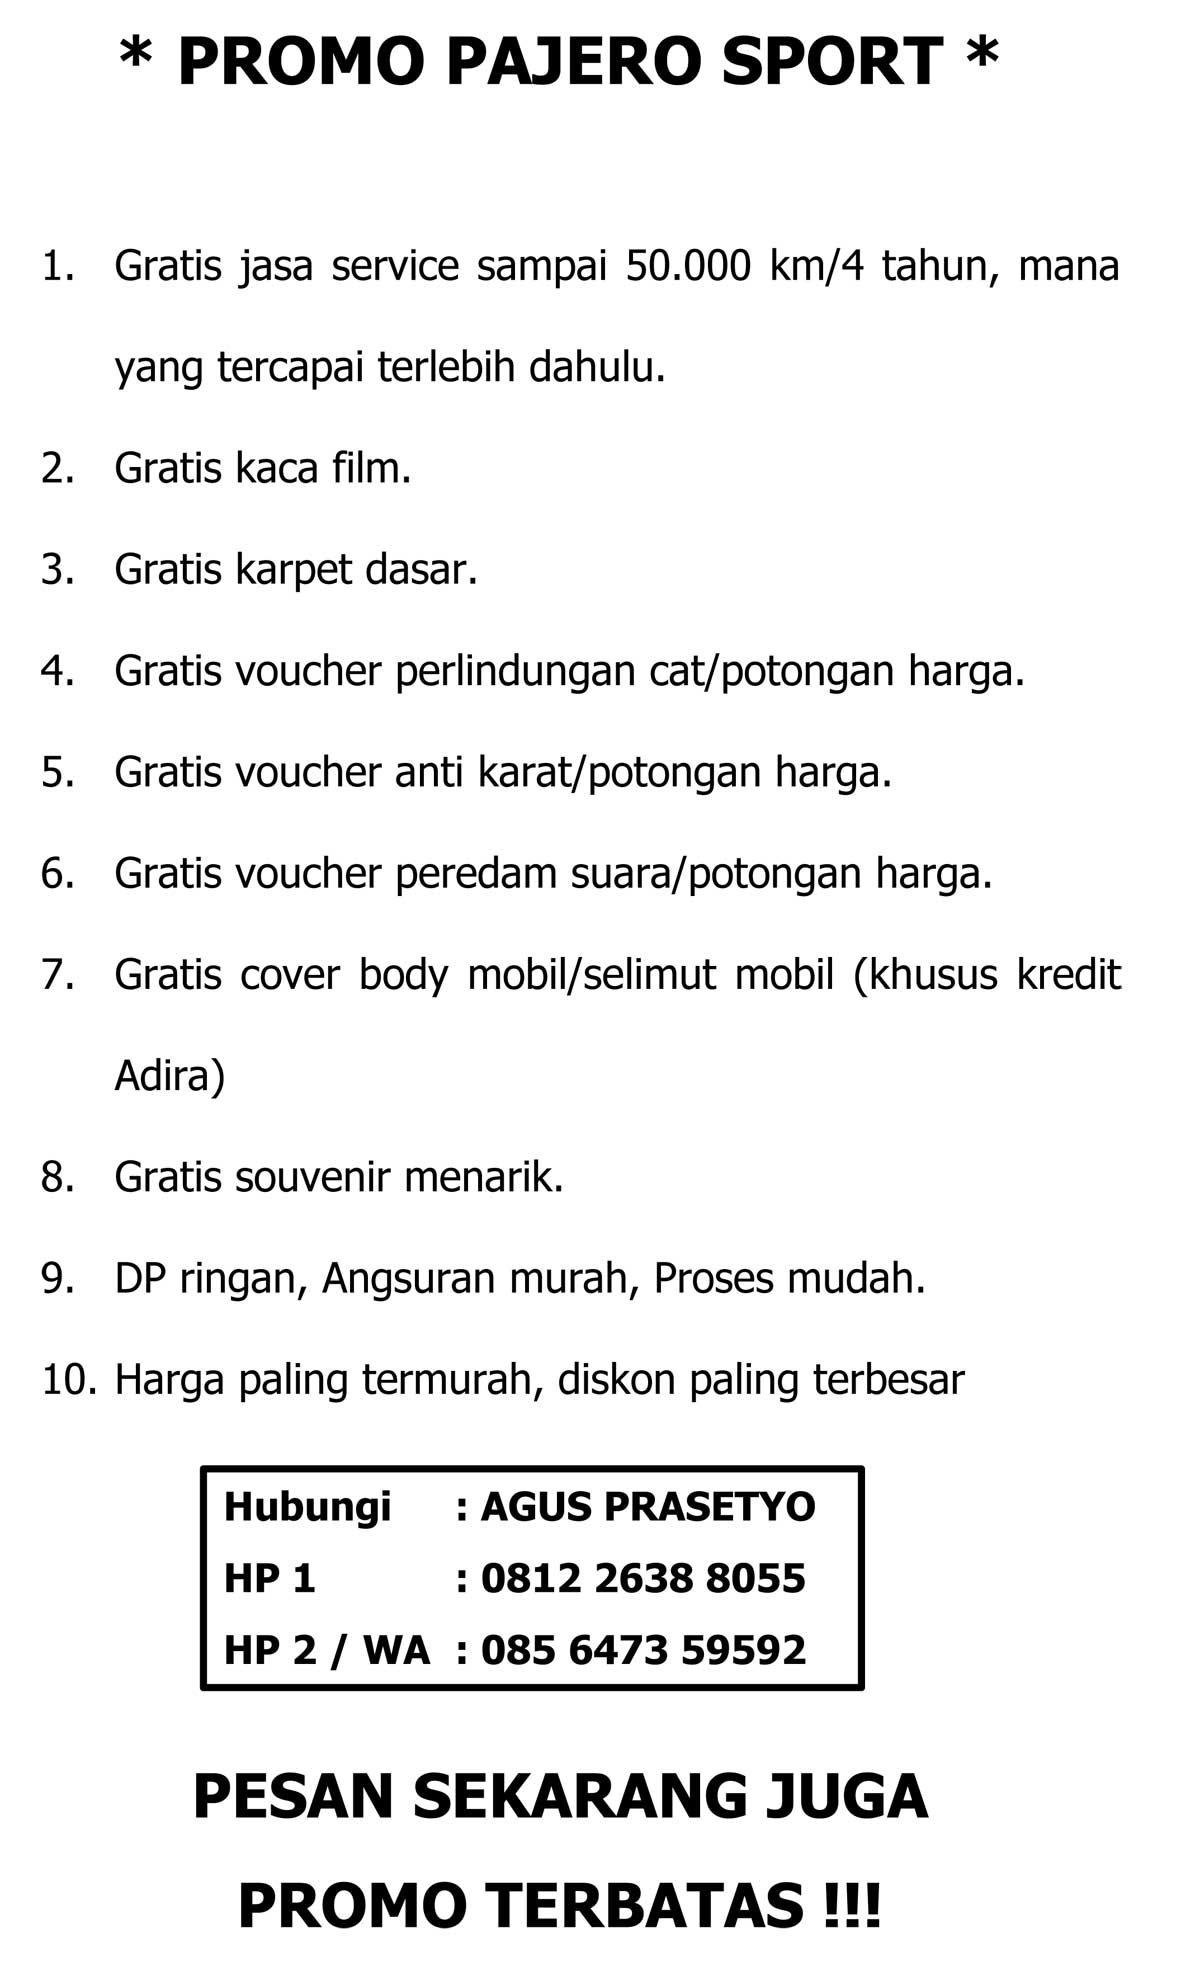 Promo 2 By Agus